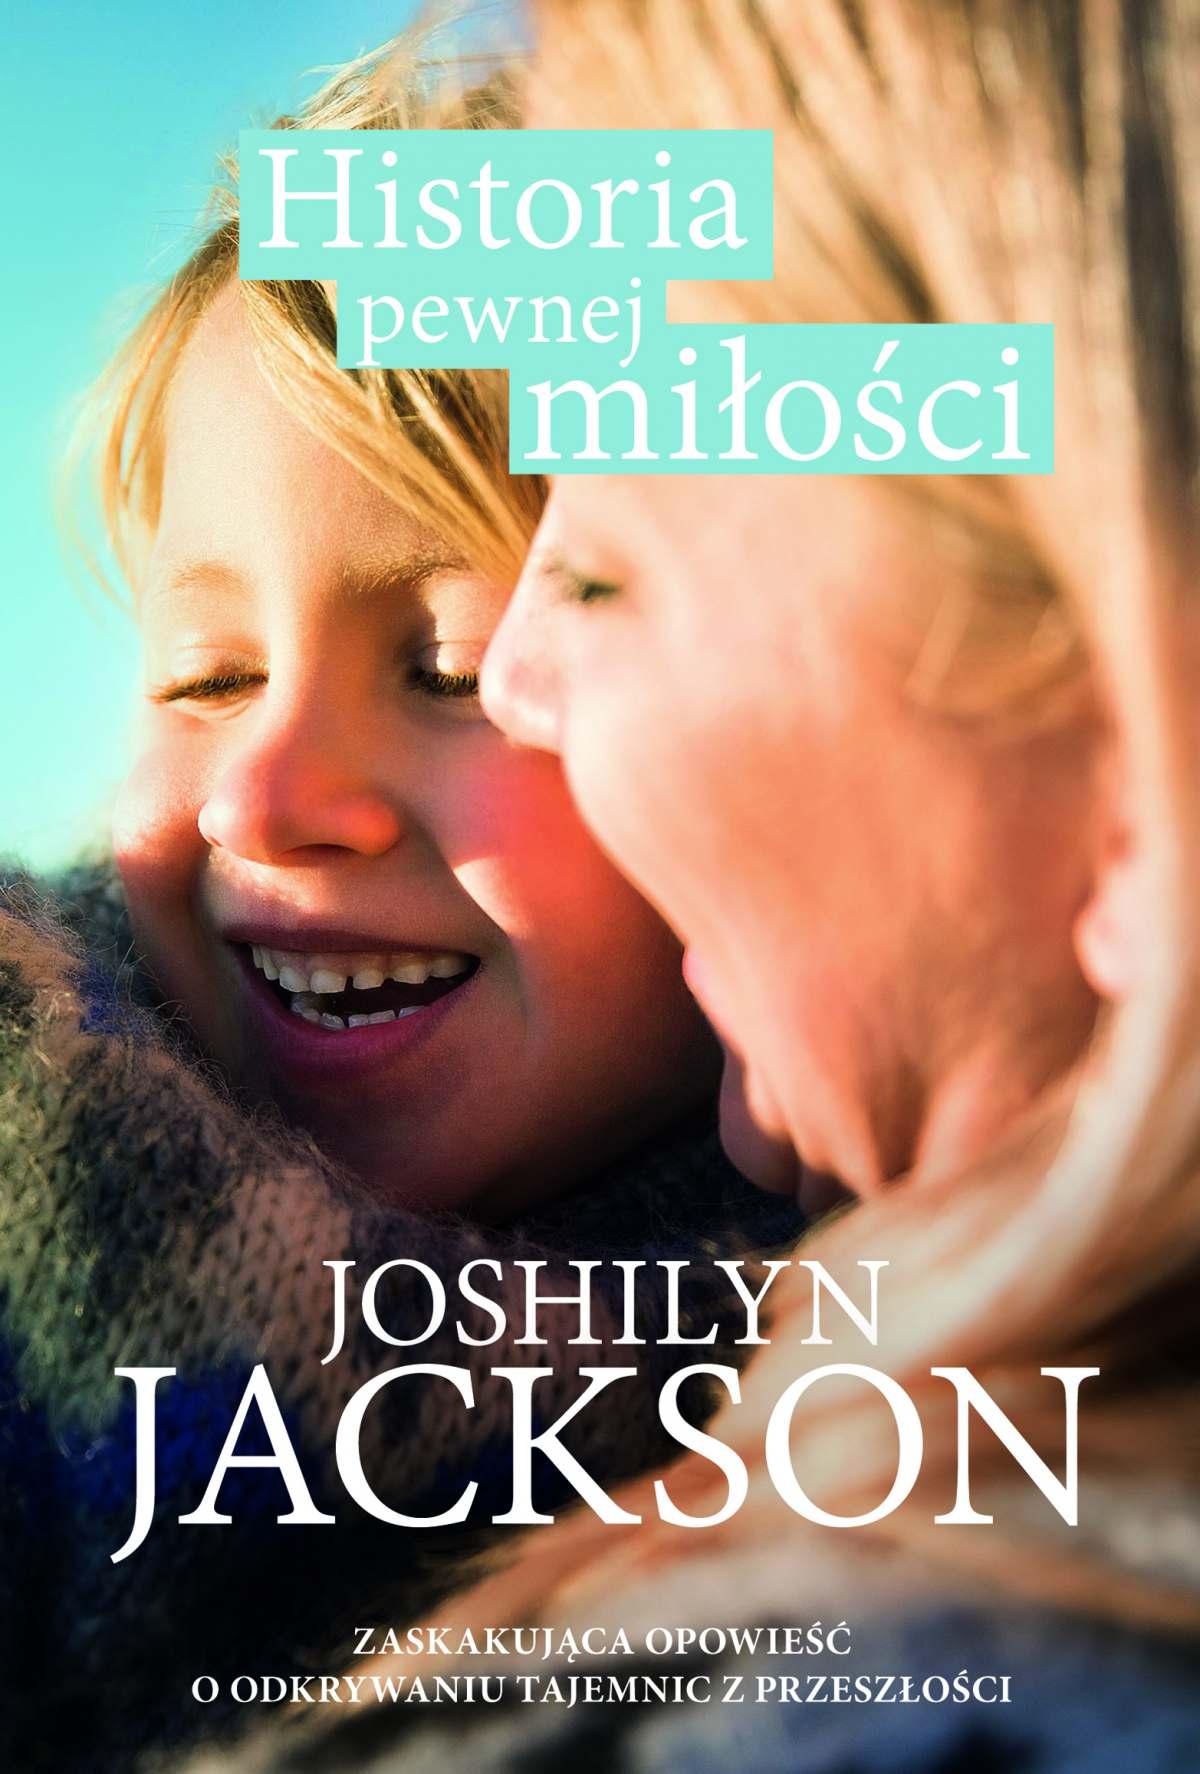 Historia pewnej miłości - Ebook (Książka na Kindle) do pobrania w formacie MOBI